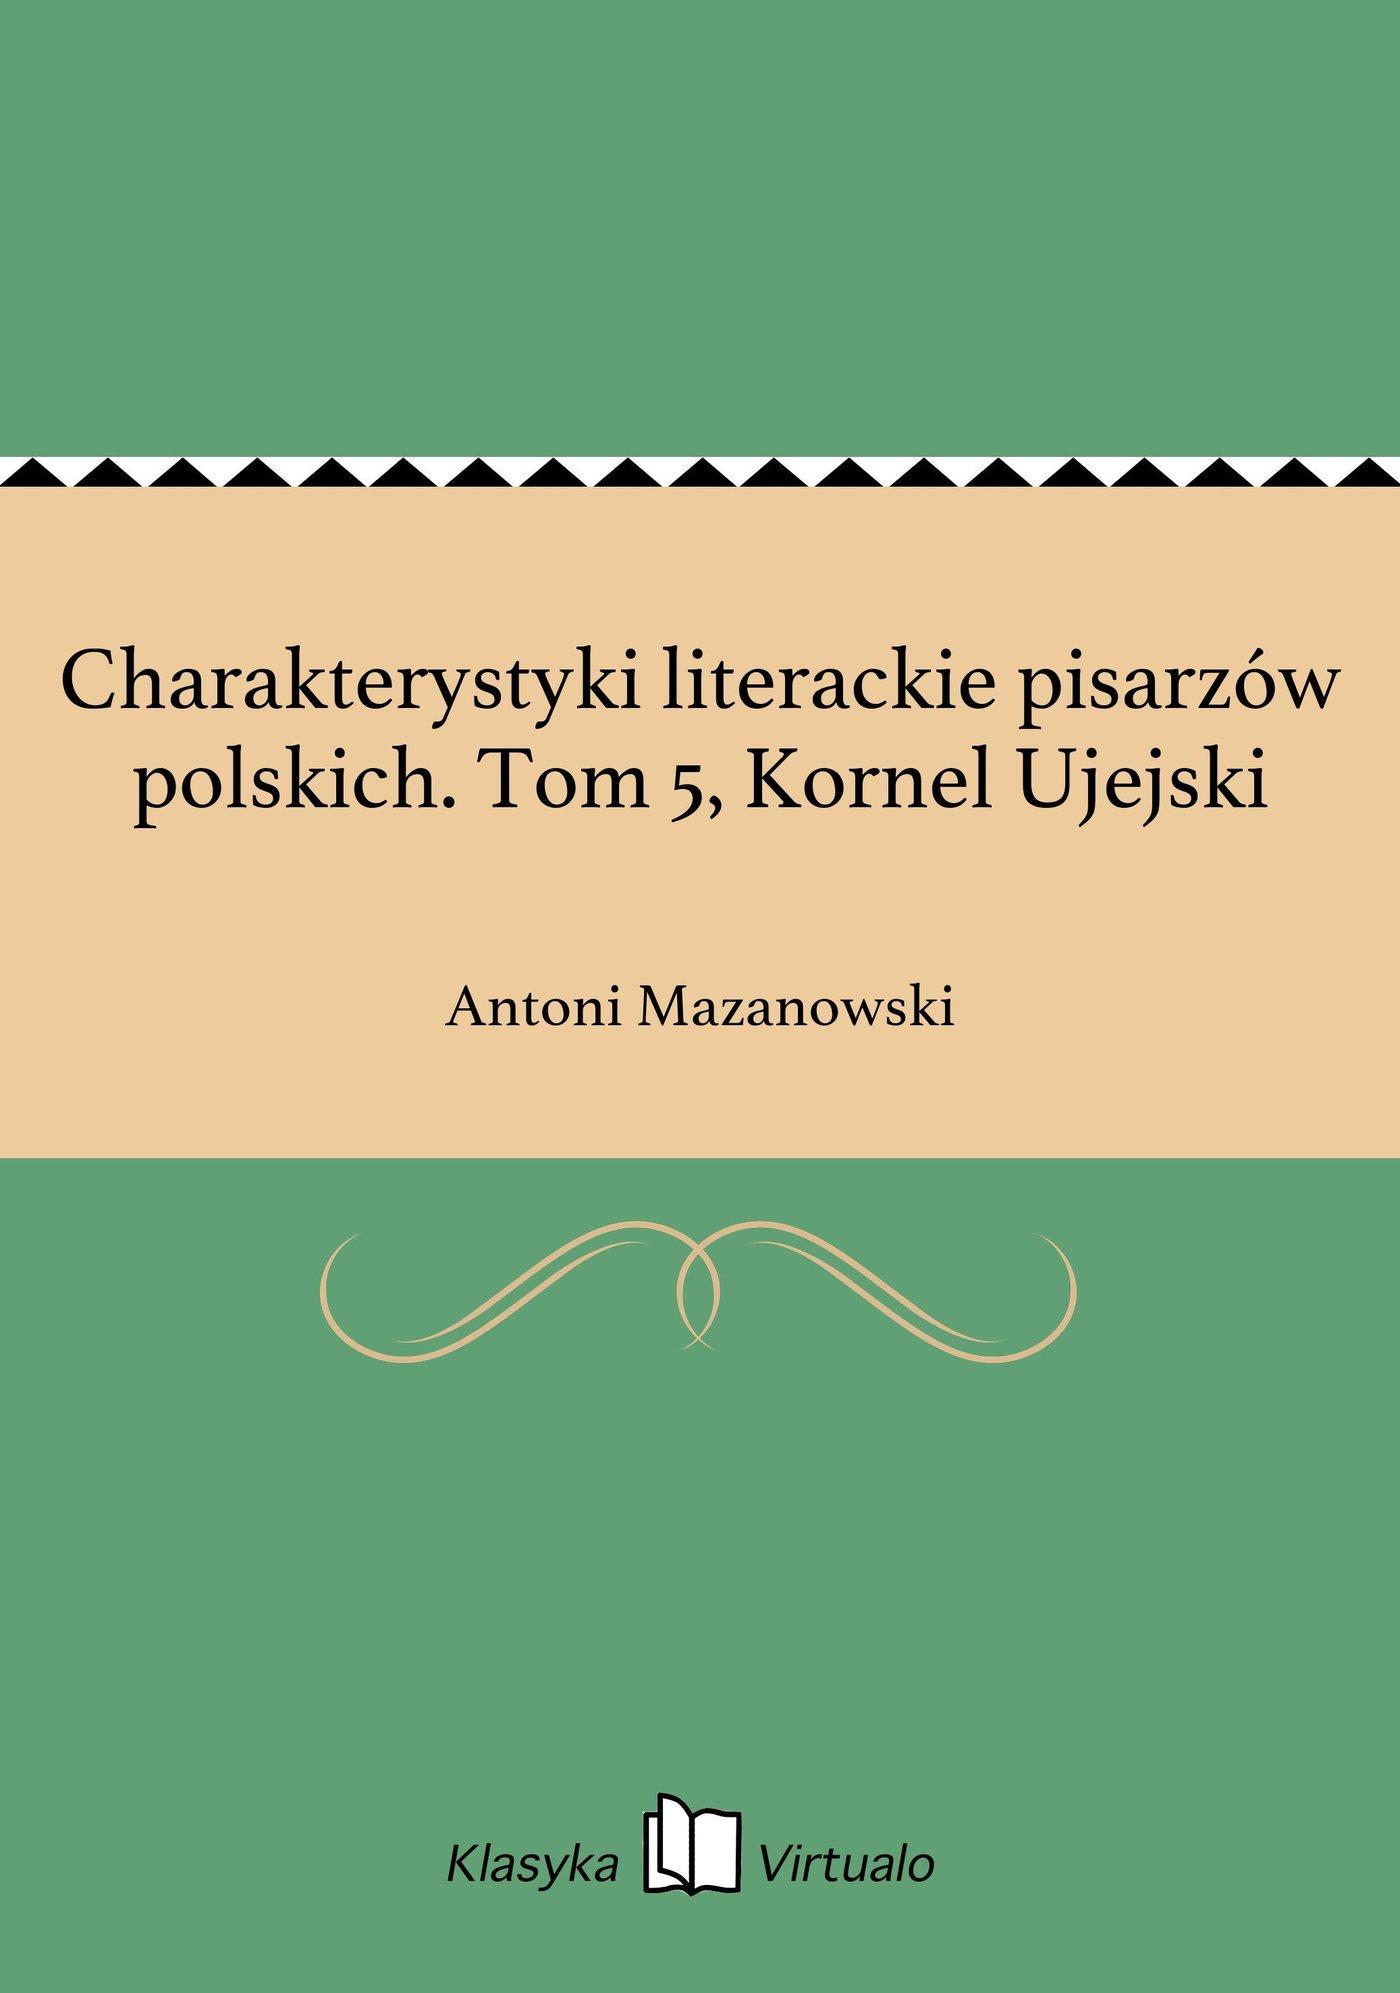 Charakterystyki literackie pisarzów polskich. Tom 5, Kornel Ujejski - Ebook (Książka EPUB) do pobrania w formacie EPUB